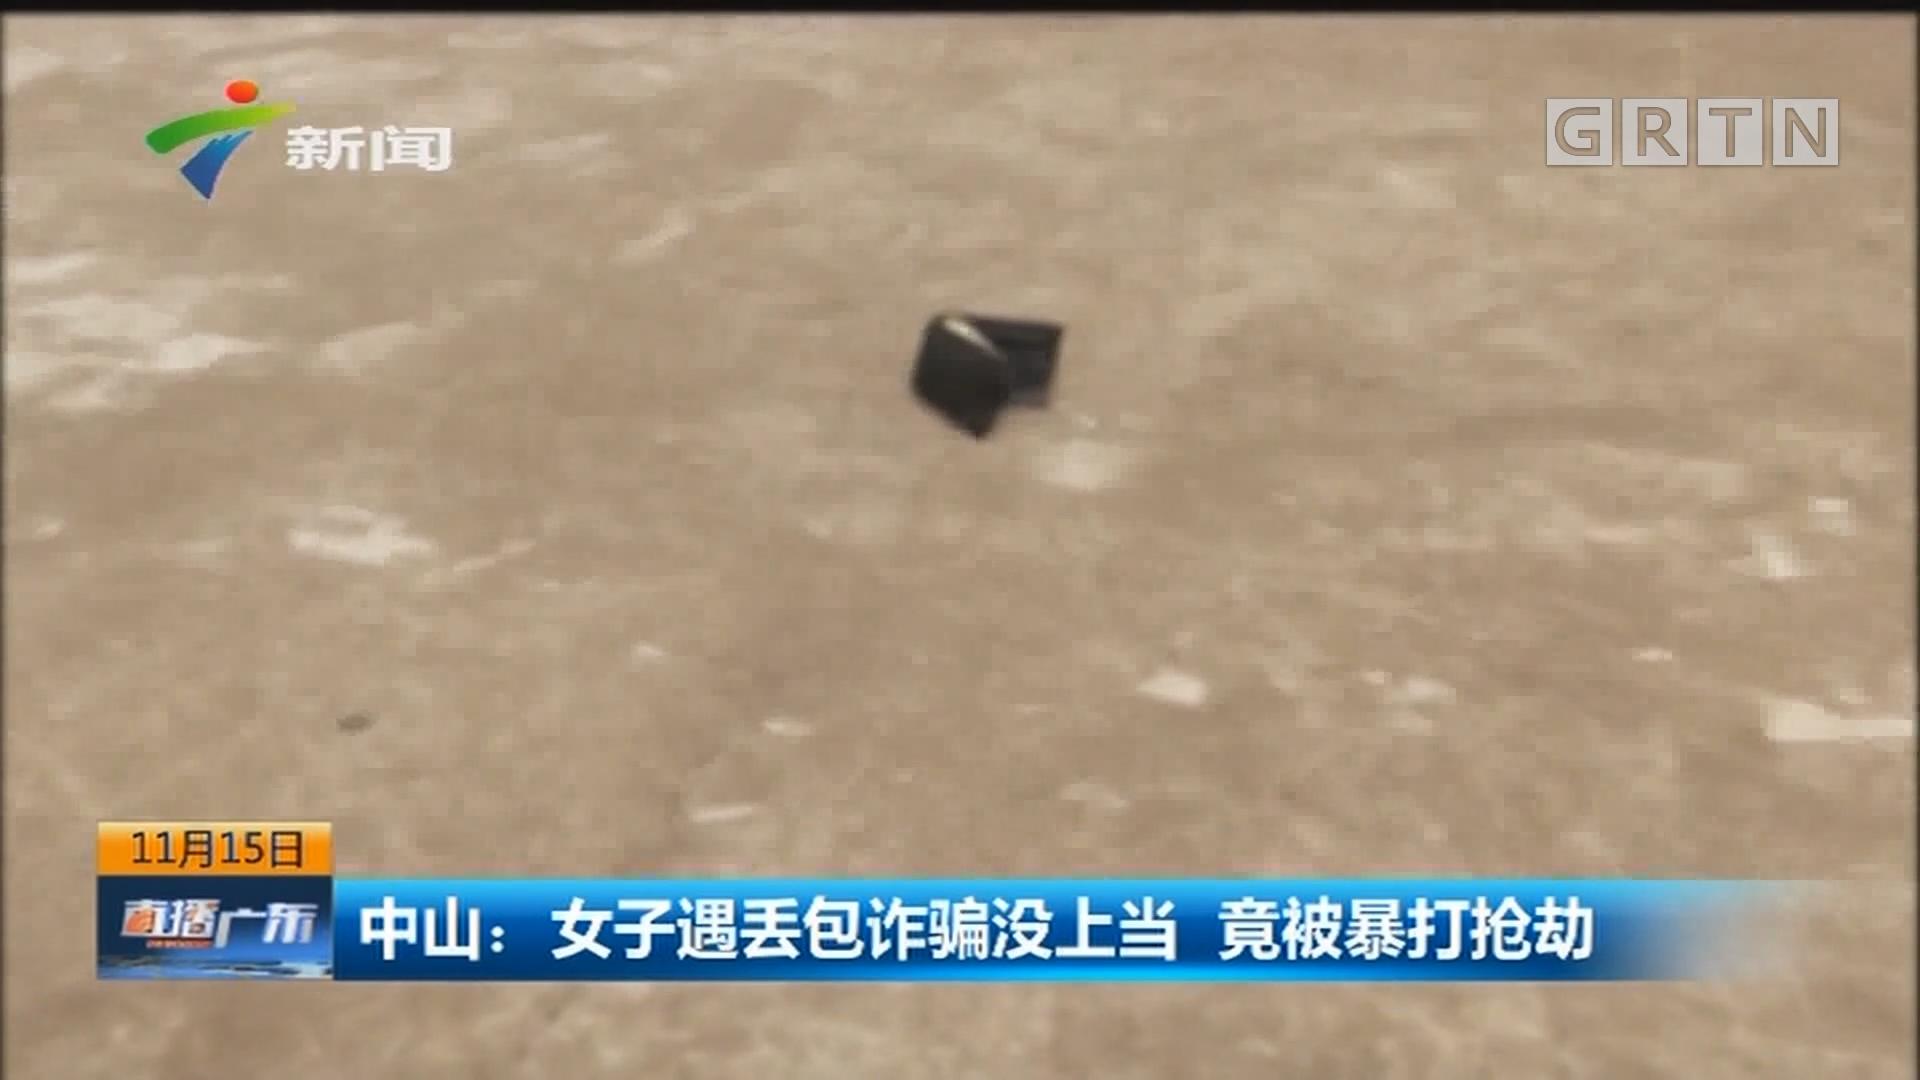 中山:女子遇丢包诈骗没上当 竟被暴打抢劫